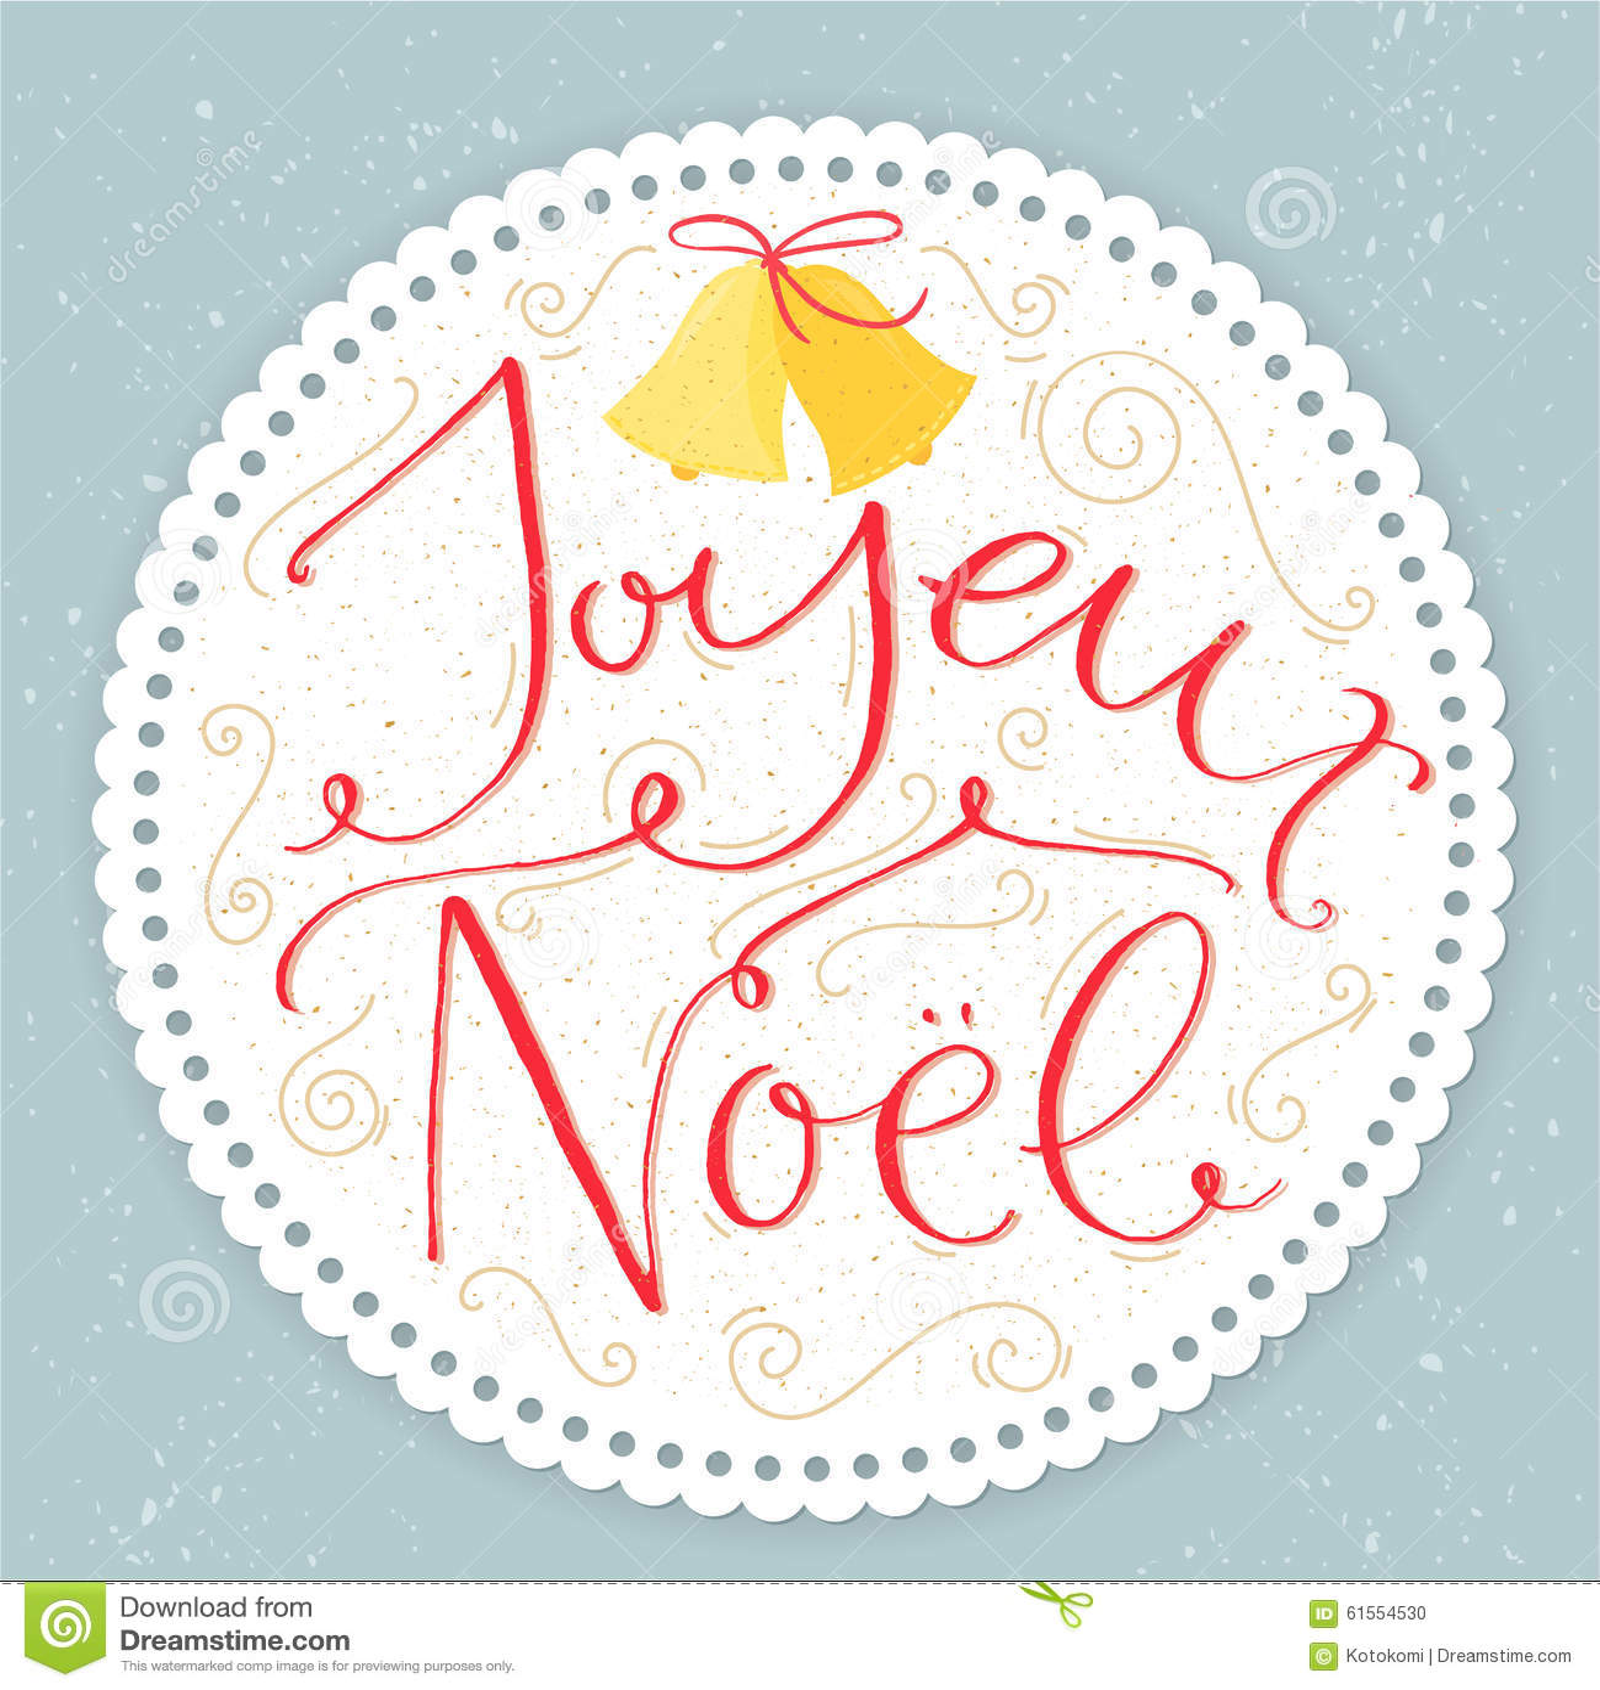 Frasi Di Natale In Francese.Joyeux Noel La Frase Francese Significa Il Buon Natale